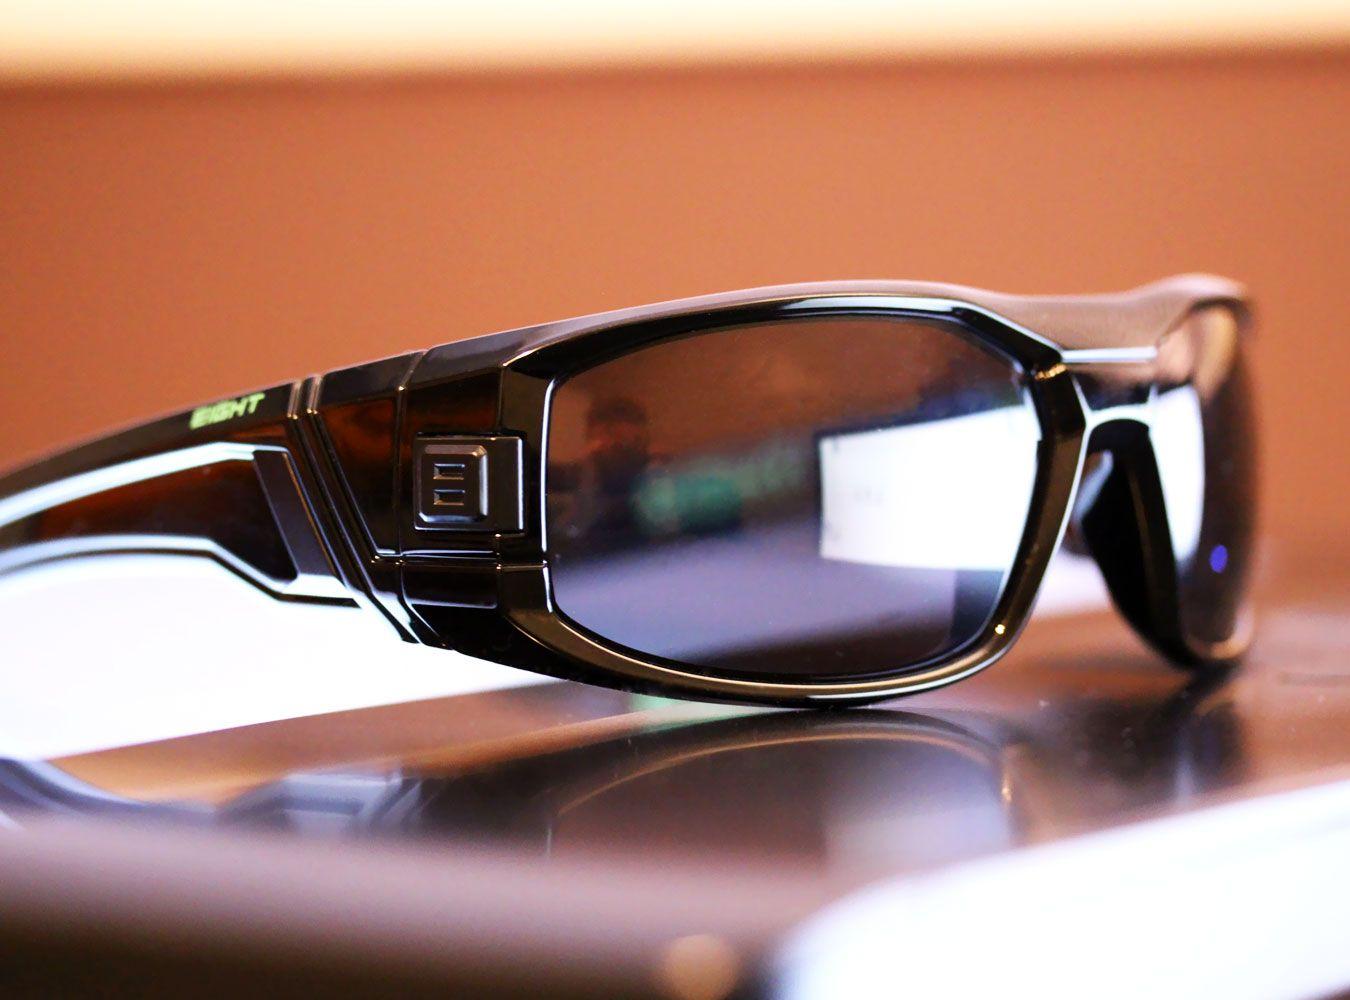 defd6e5aeac Glossy Black Green V.1 from EIGHT Eyewear WWW.IWEAR8.COM  8eyewear   sunglasses  shades  cool  mensfashion  fashion  style  summer  eight   sports  design